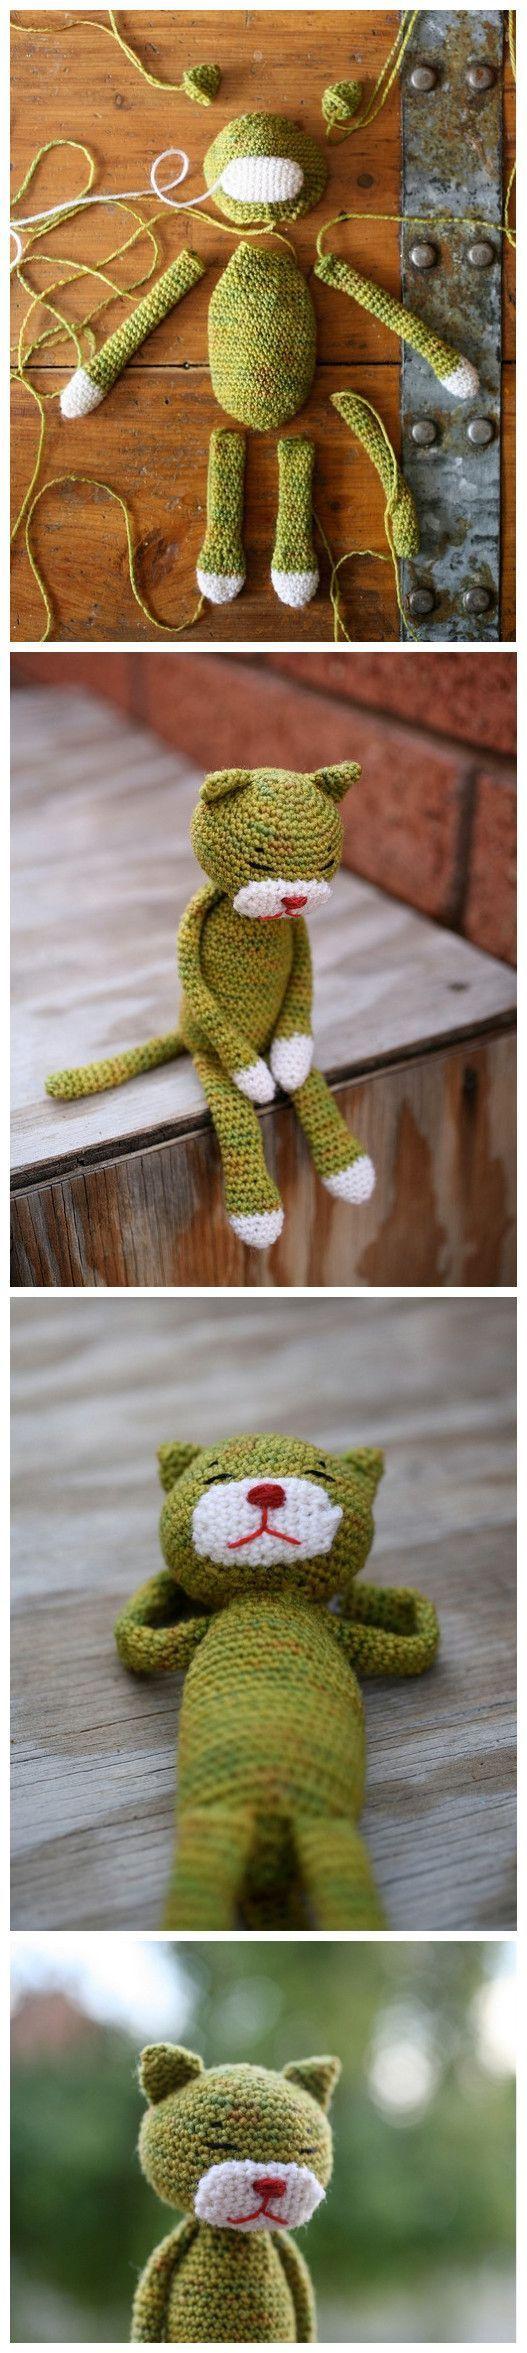 Luty Artes Crochet: Pap de amigurumi.